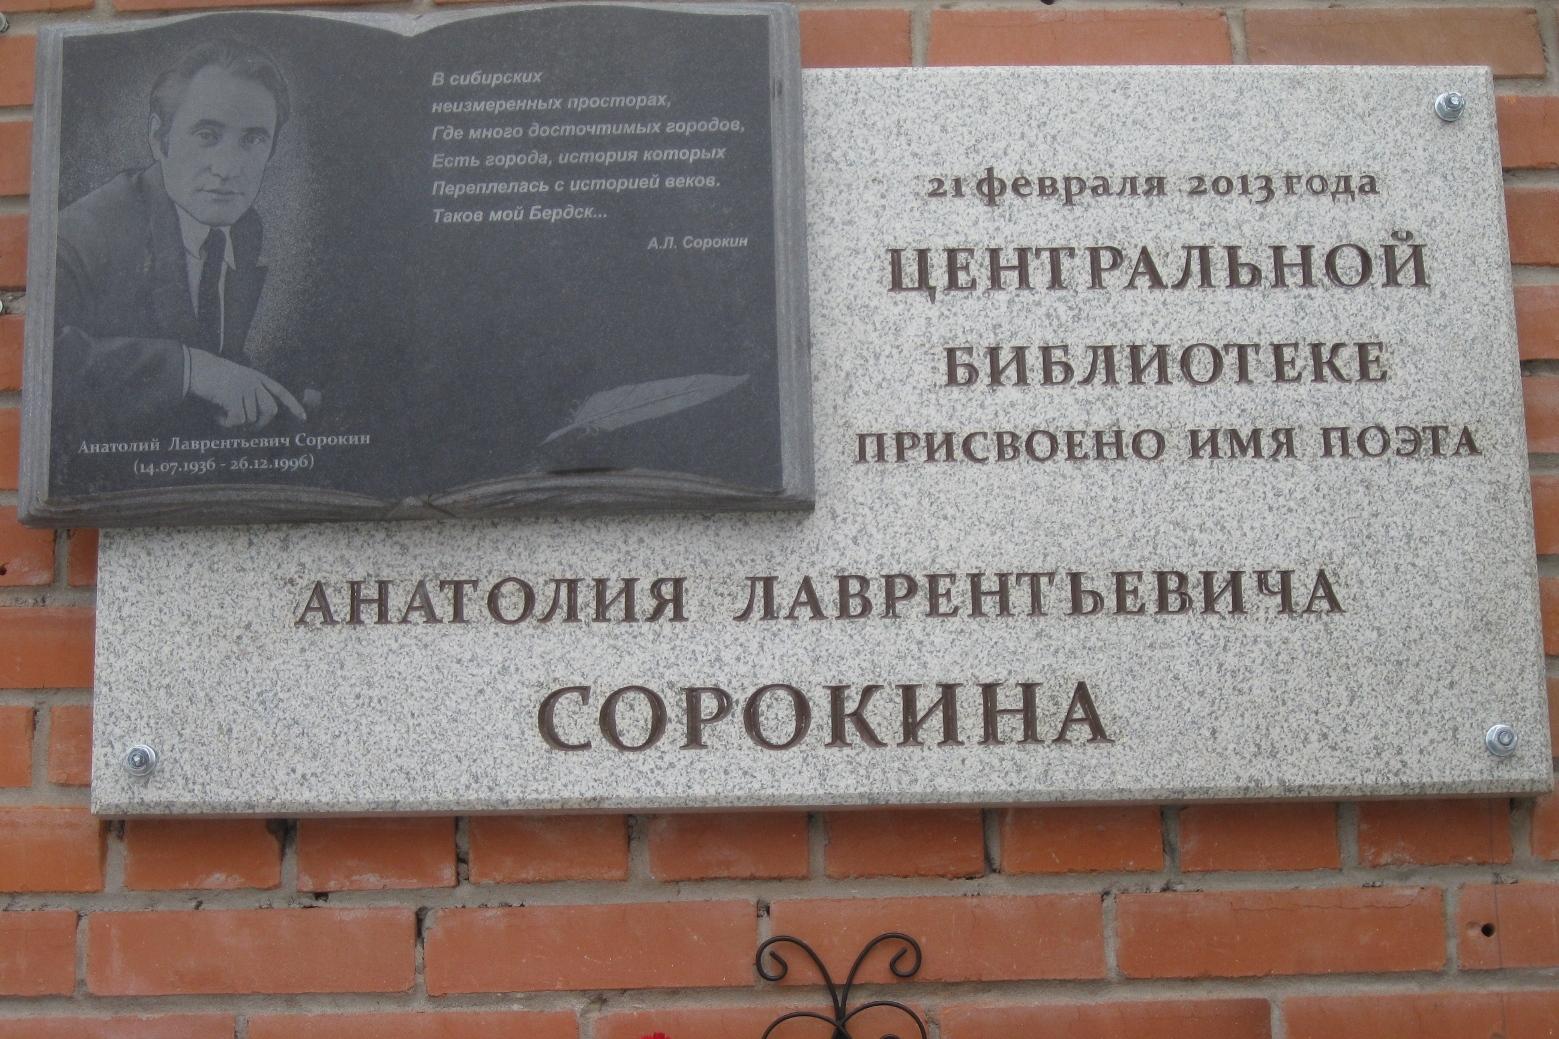 Мемориальная доска, посвящённая Анатолию Сорокину